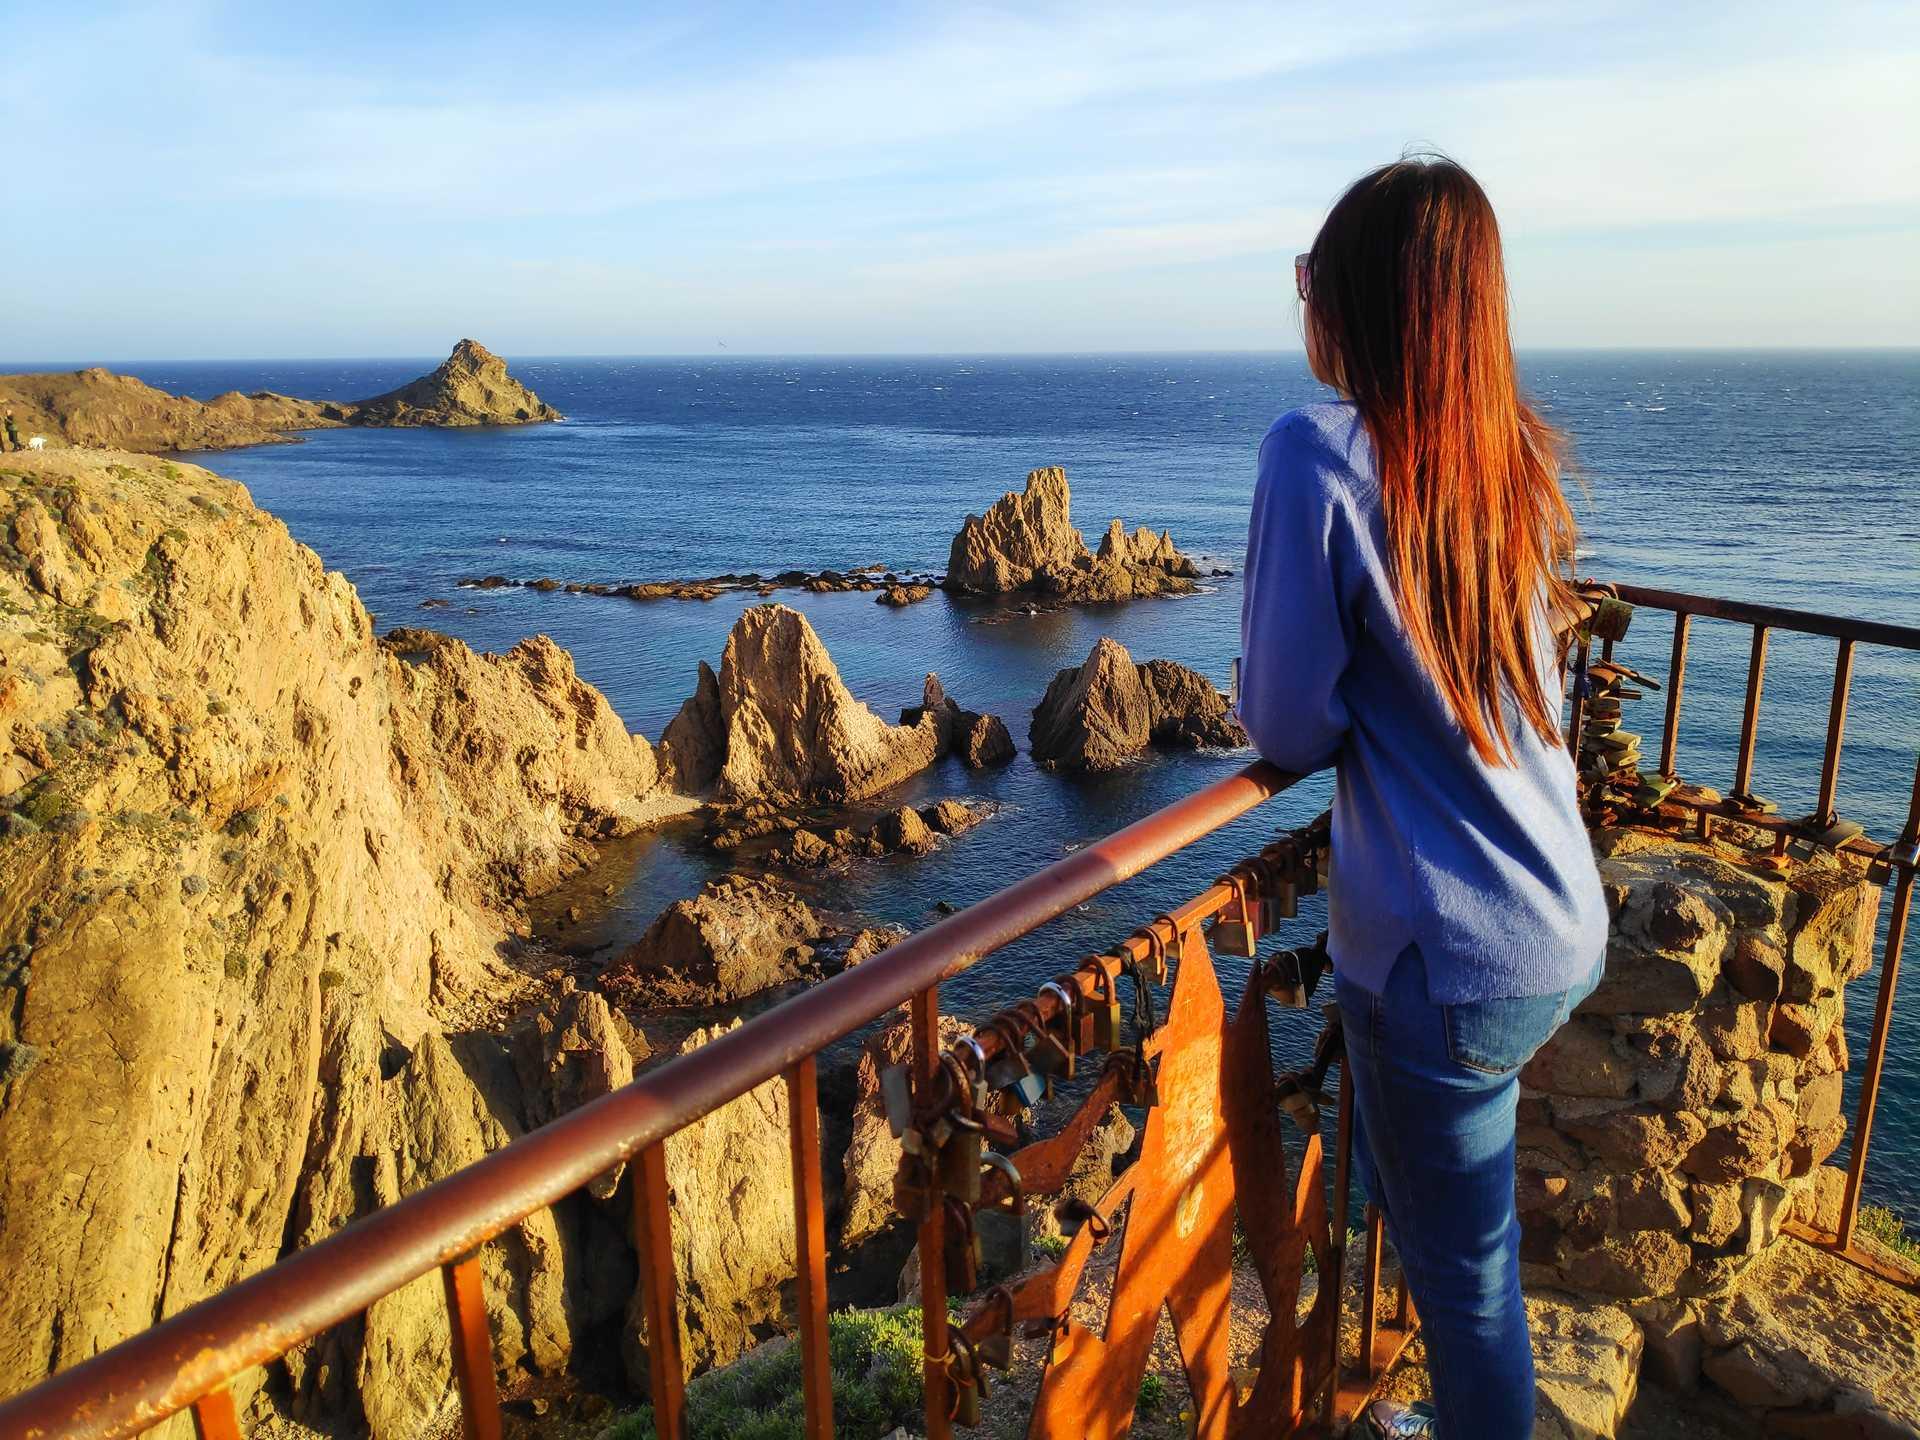 Excursión de cine al parque natural de Cabo de Gata